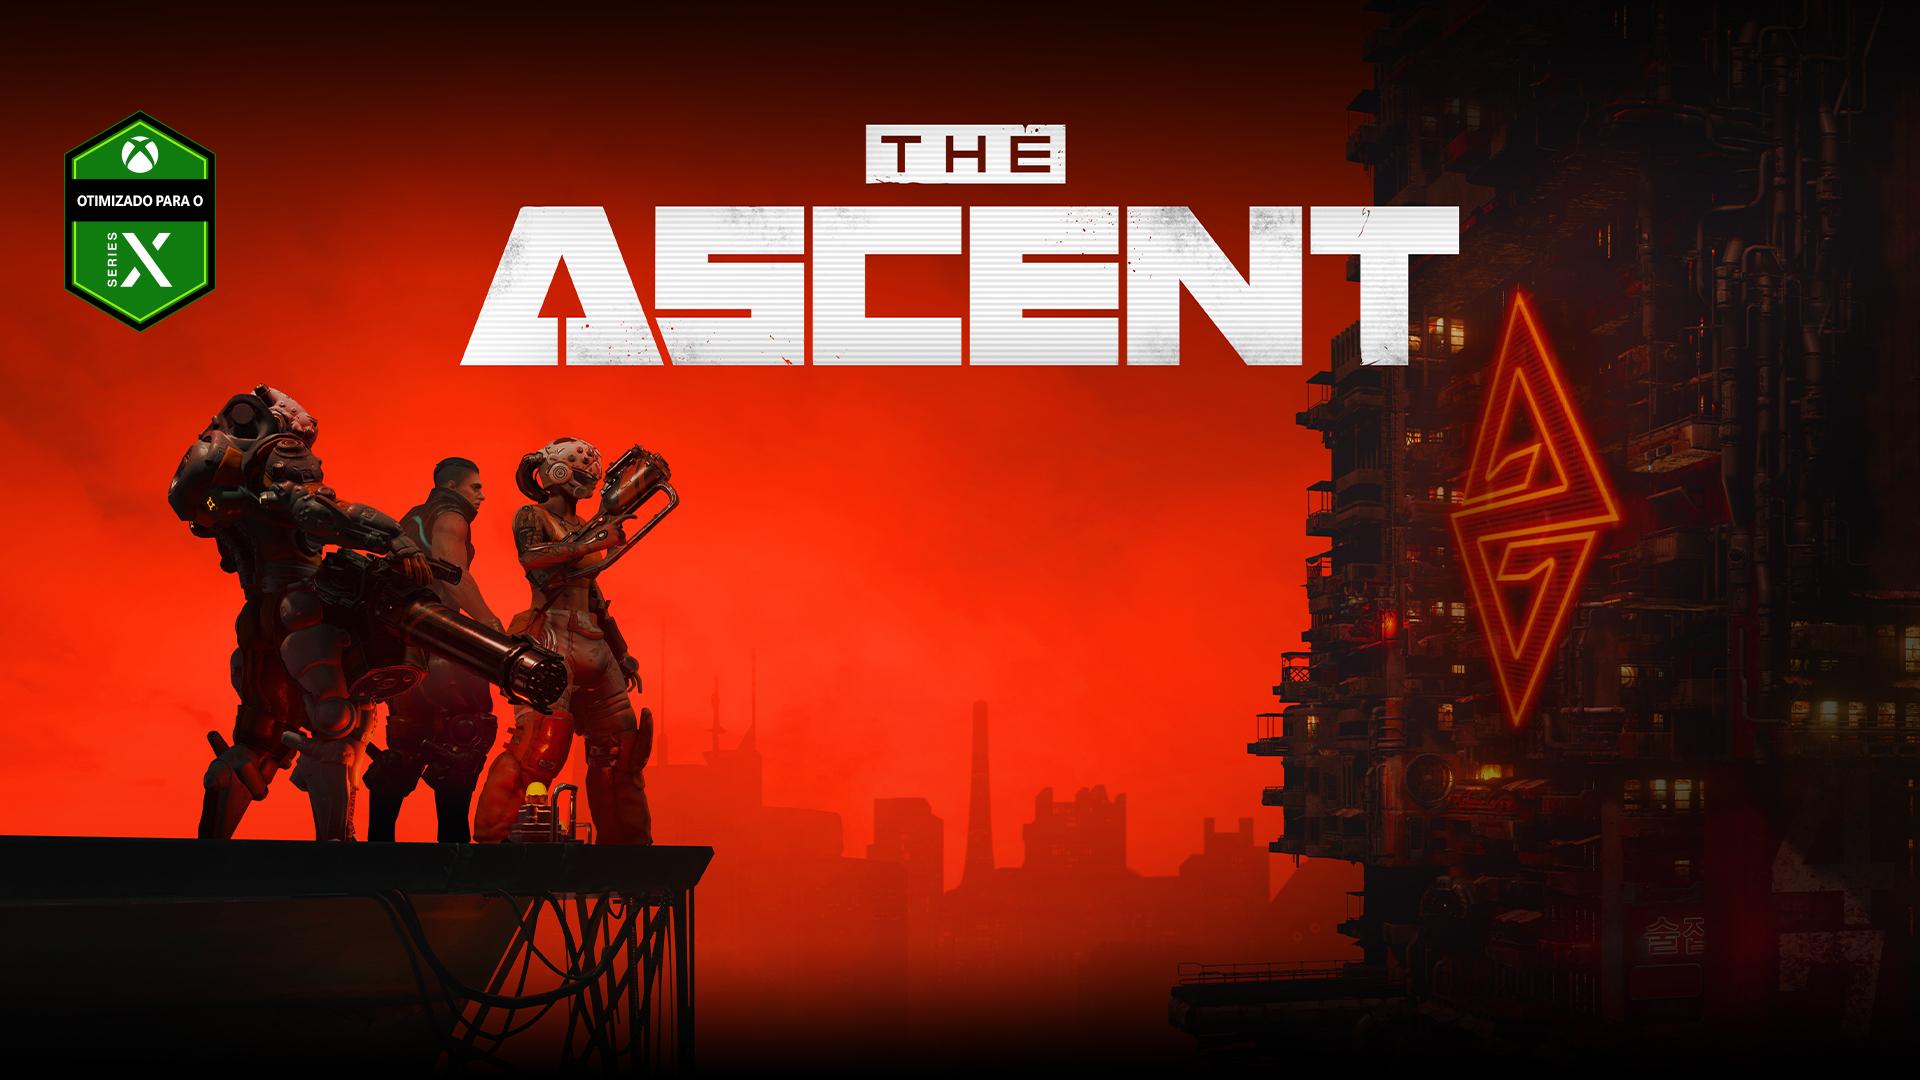 The Ascent, Otimizado para Xbox Series X, Três personagens em uma plataforma com vista para um grande edifício industrial de estilo cyberpunk